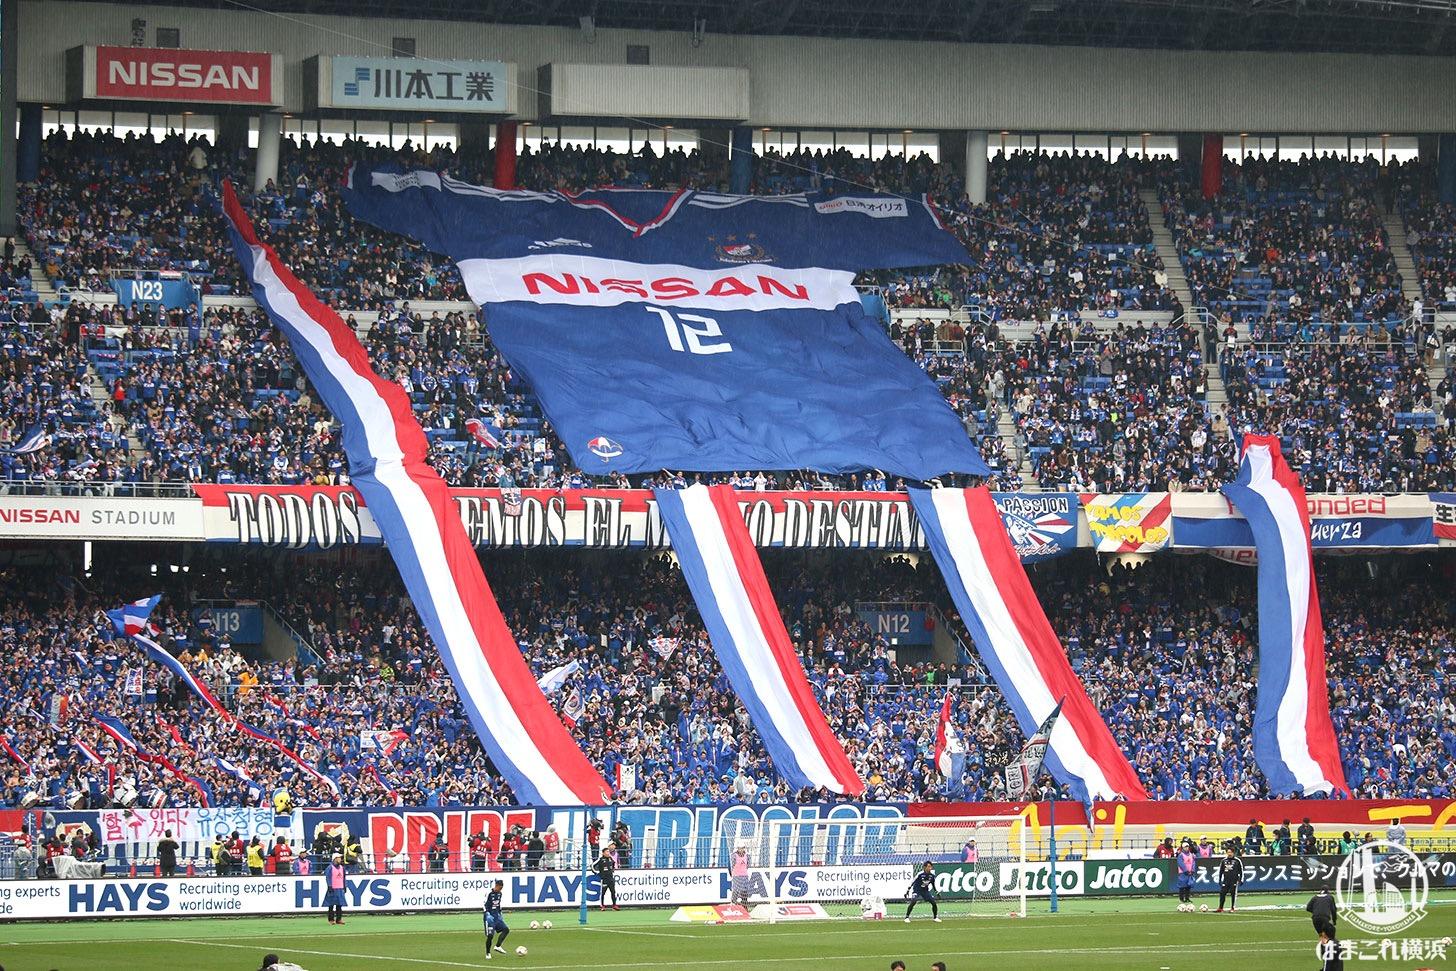 横浜F・マリノス 15年ぶりJリーグ優勝おめでとう!!スタジアムの雰囲気と観戦記